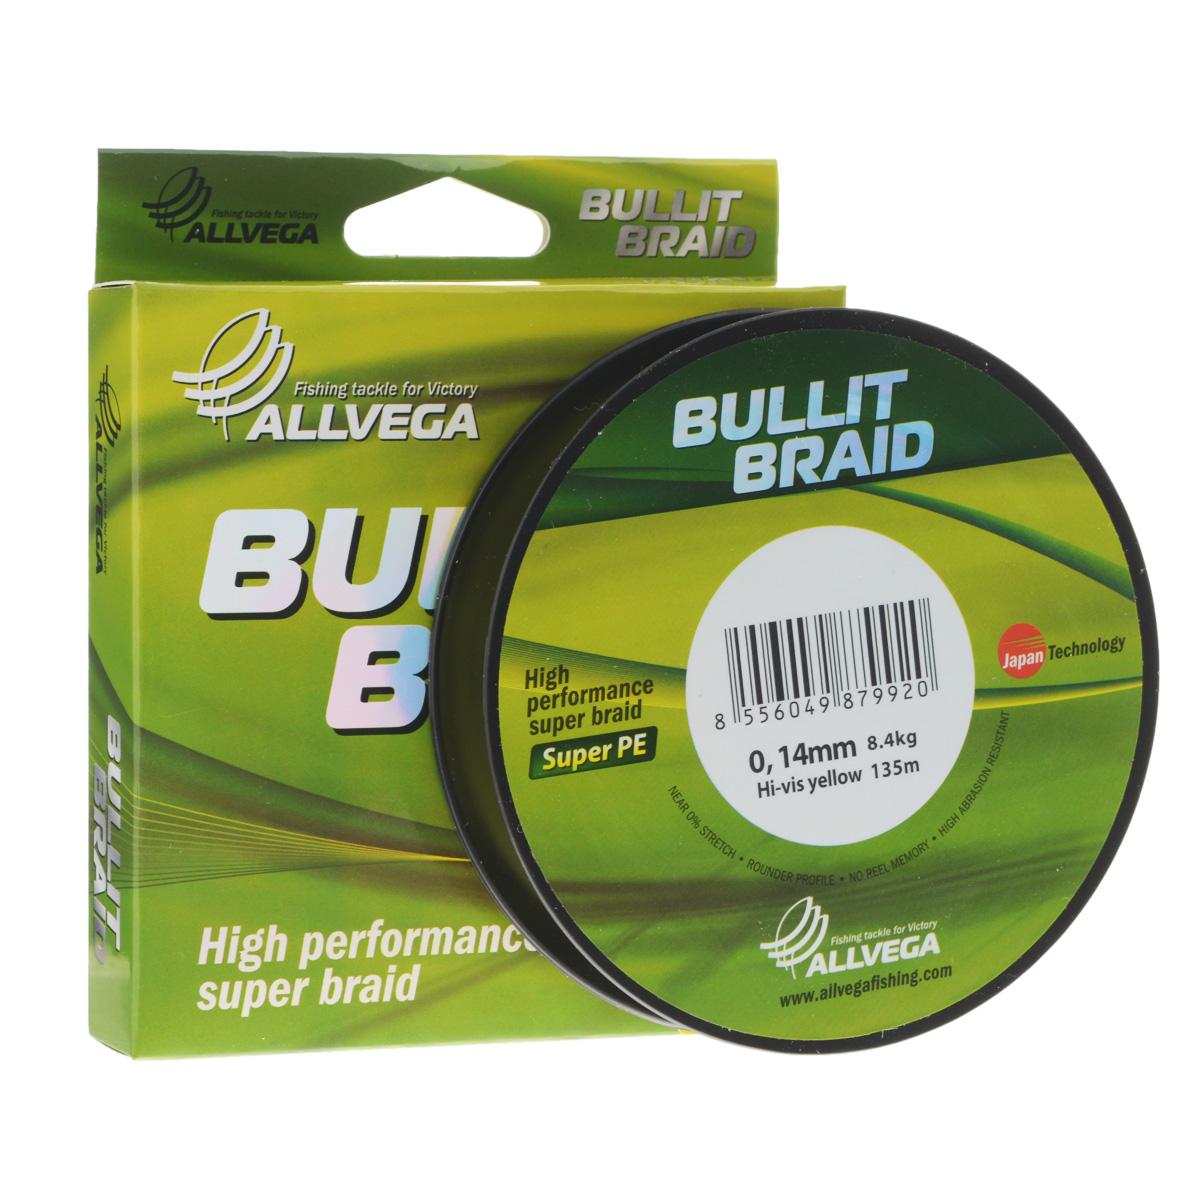 Леска плетеная Allvega Bullit Braid, цвет: ярко-желтый, 135 м, 0,14 мм, 8,4 кг21451Леска Allvega Bullit Braid с гладкой поверхностью и одинаковым сечением по всей длине обладает высокой износостойкостью. Благодаря микроволокнам полиэтилена (Super PE) леска имеет очень плотное плетение и не впитывает воду. Леску Allvega Bullit Braid можно применять в любых типах водоемов. Особенности: повышенная износостойкость; высокая чувствительность - коэффициент растяжения близок к нулю; отсутствует память; идеально гладкая поверхность позволяет увеличить дальность забросов; высокая прочность шнура на узлах.